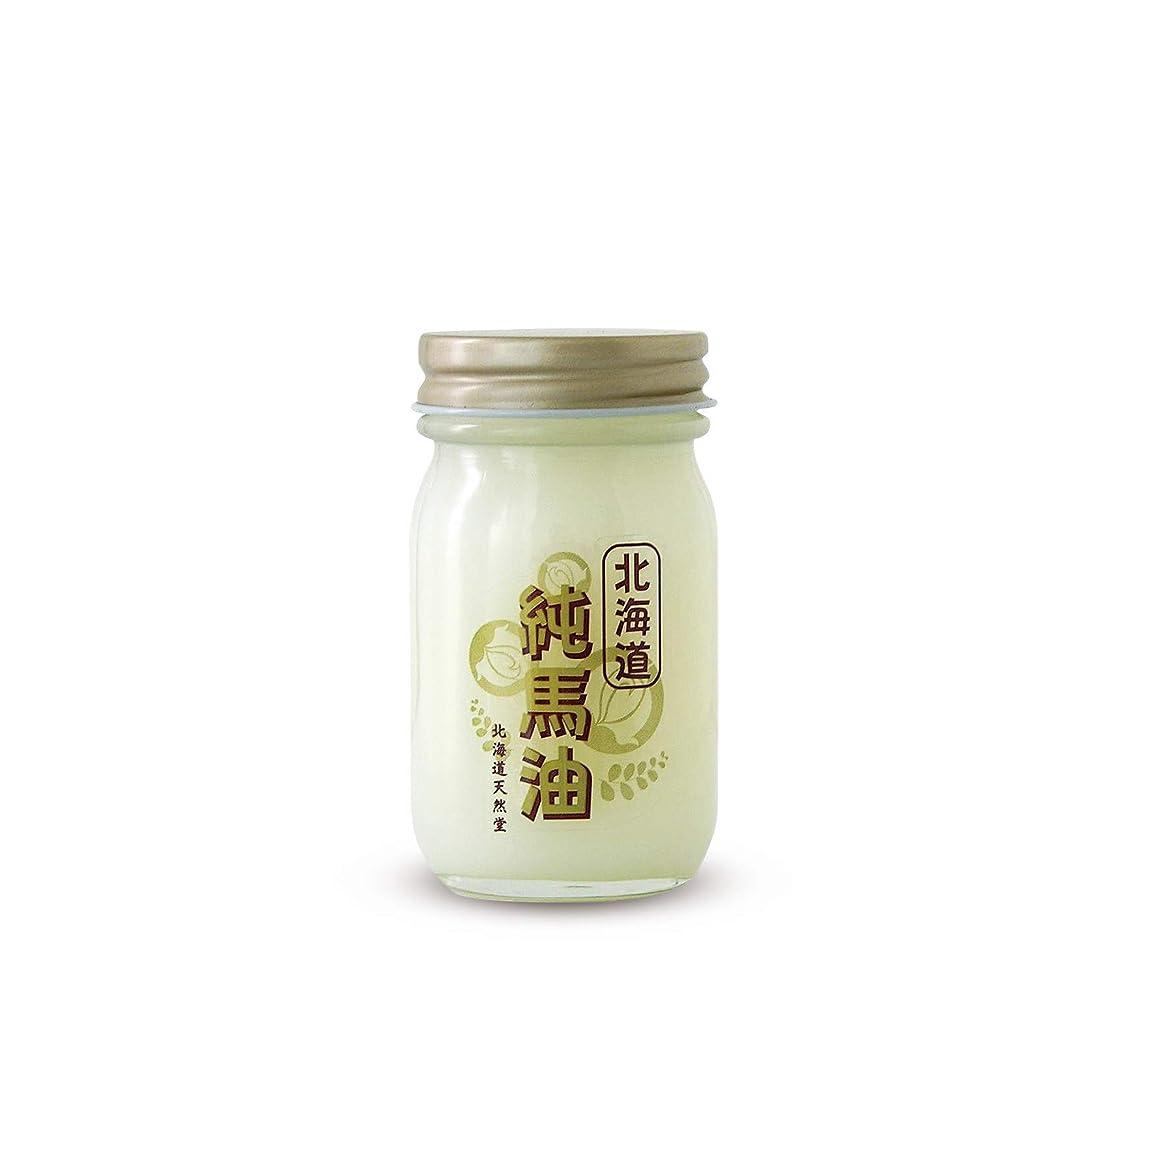 聖人パン屋専門純馬油 70ml 【国内限定】/ 北海道天然堂